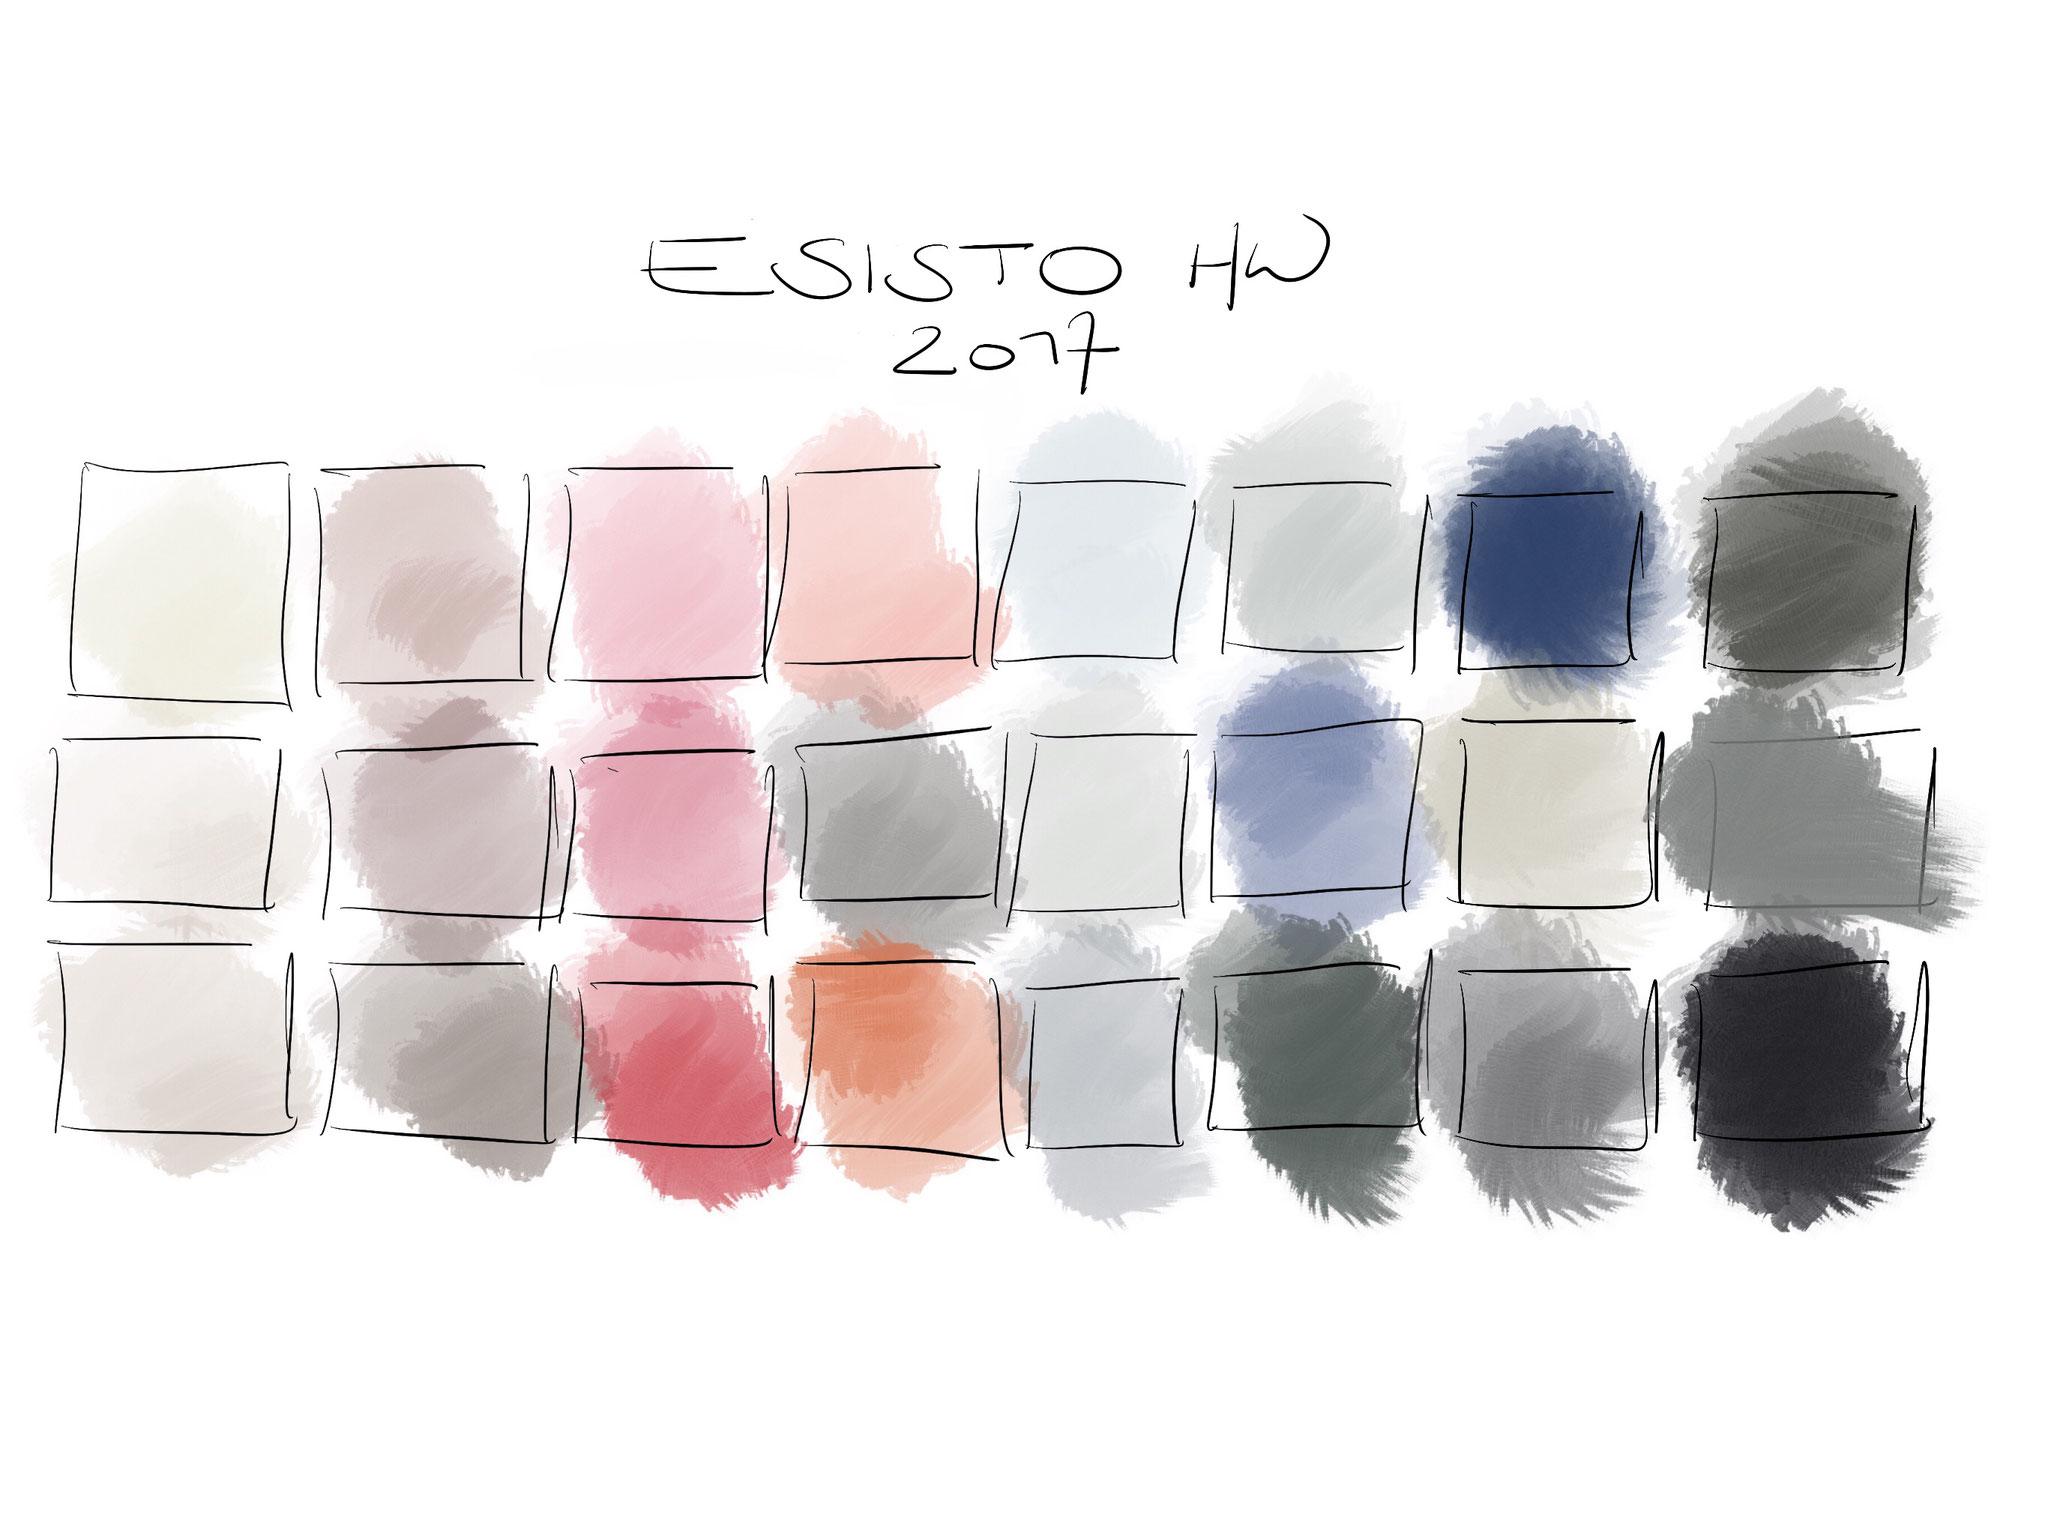 ESISTO HW 2017